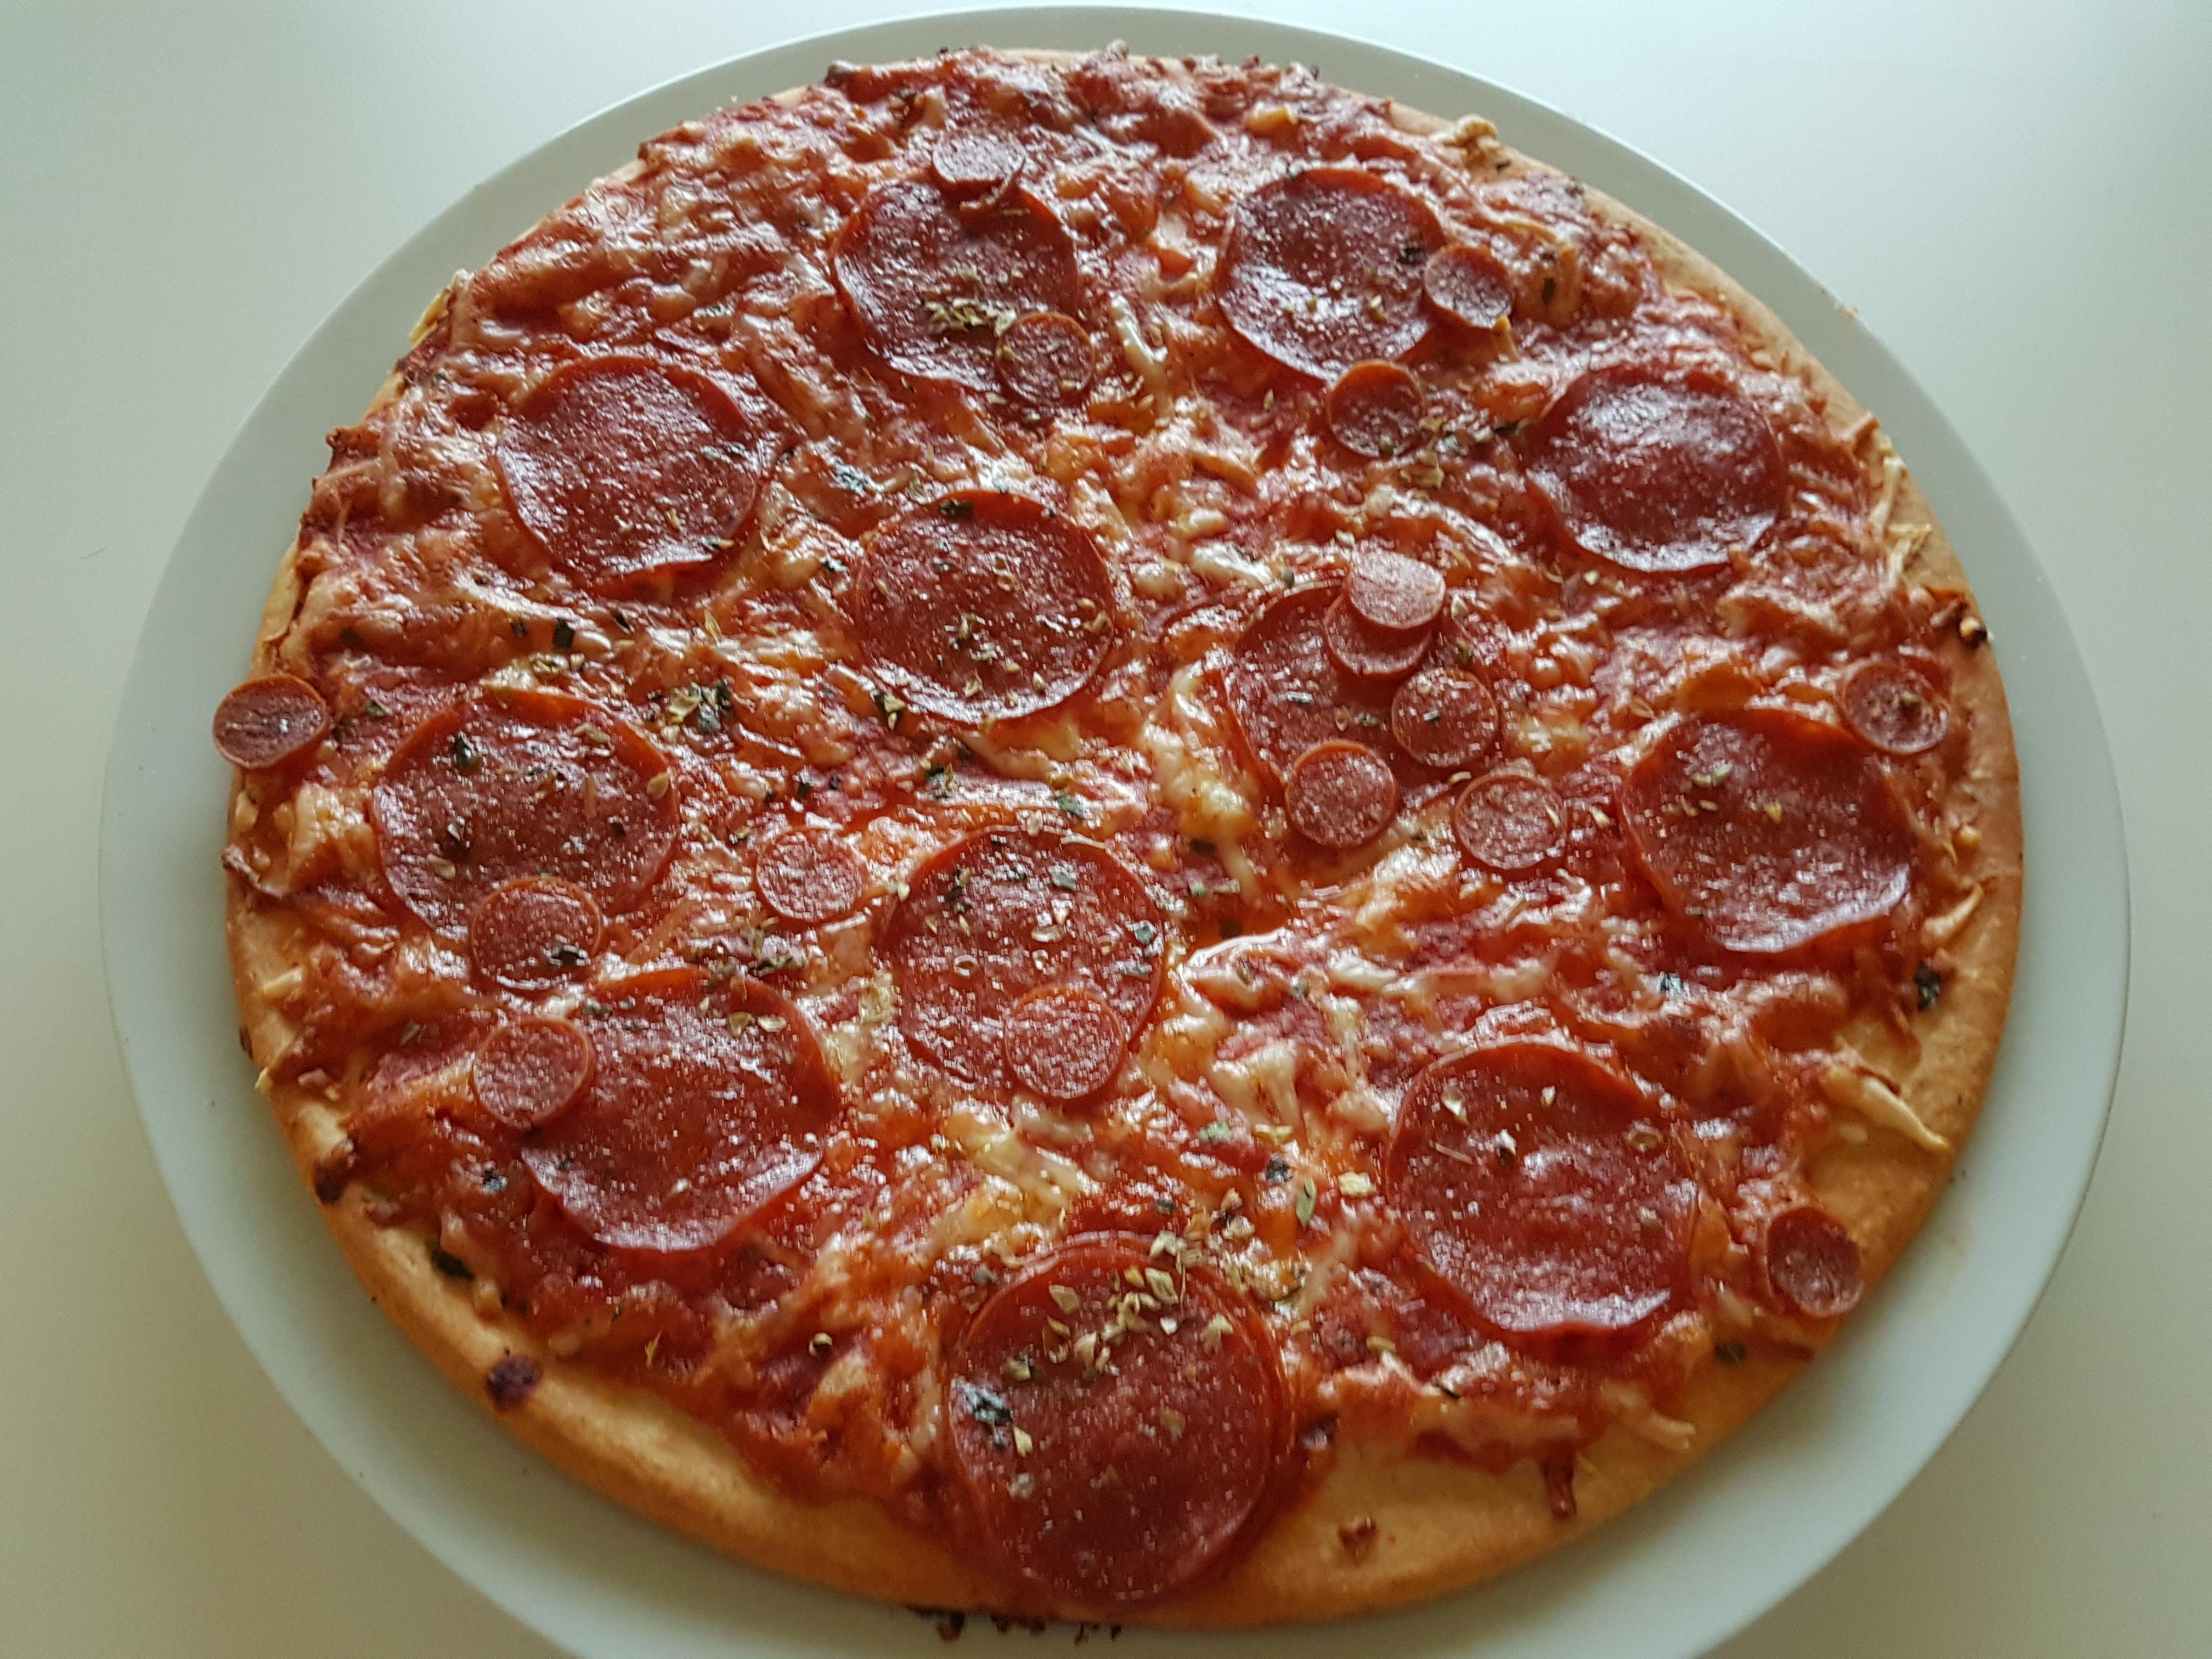 https://foodloader.net/Holz_2019-01-20_Pizza.jpg